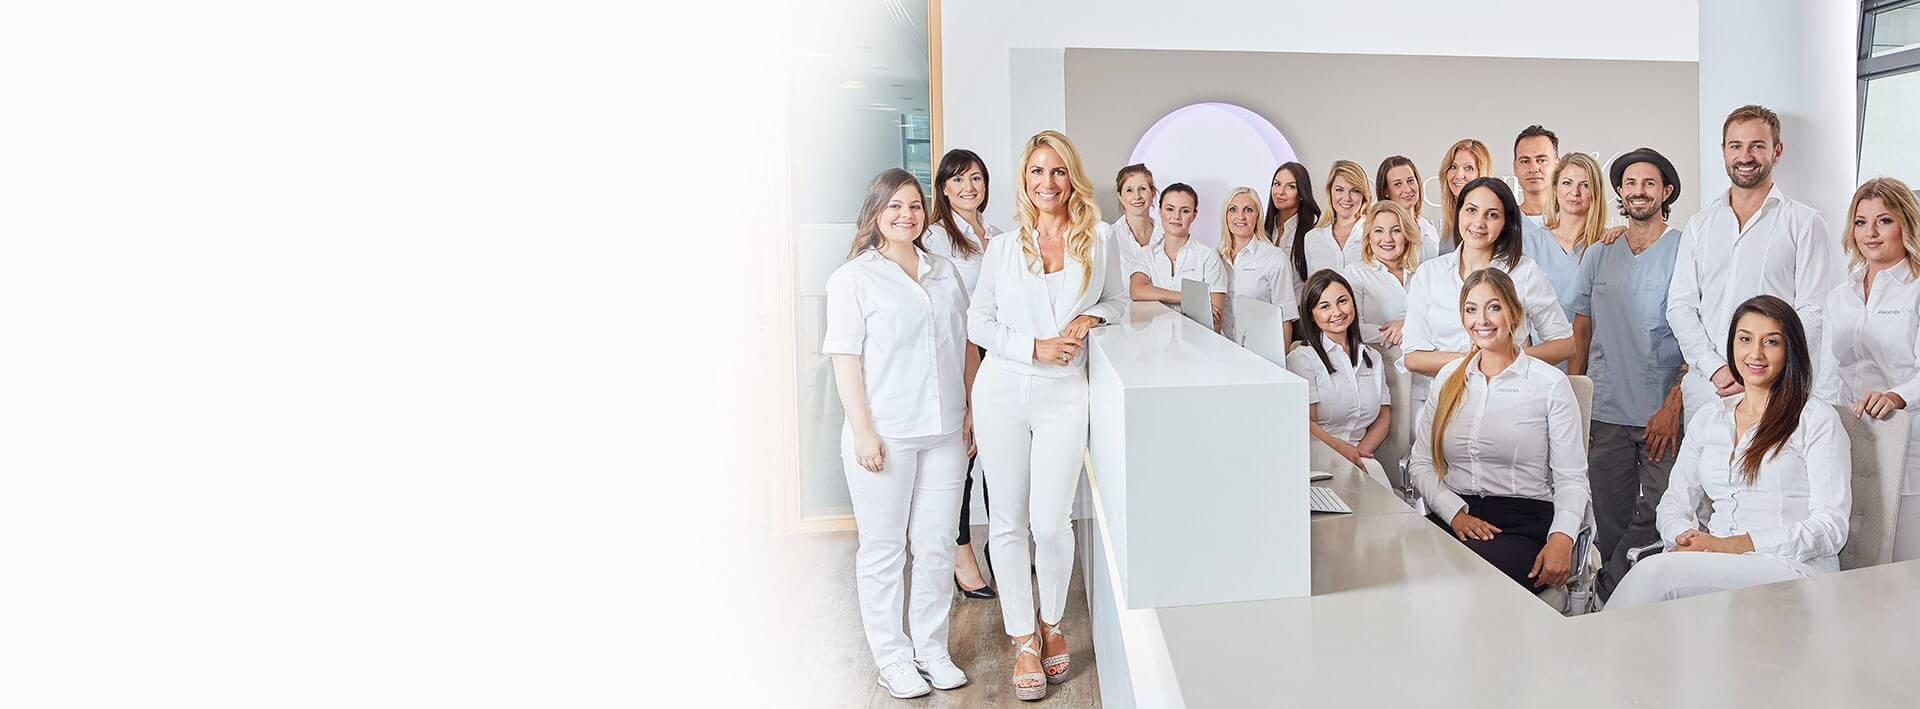 Unser Team bietet neben Ruhe und Empathie auch ein hohes Maß an Fachkompetenz bei allen zahnmedizinischen Behandlungen. I